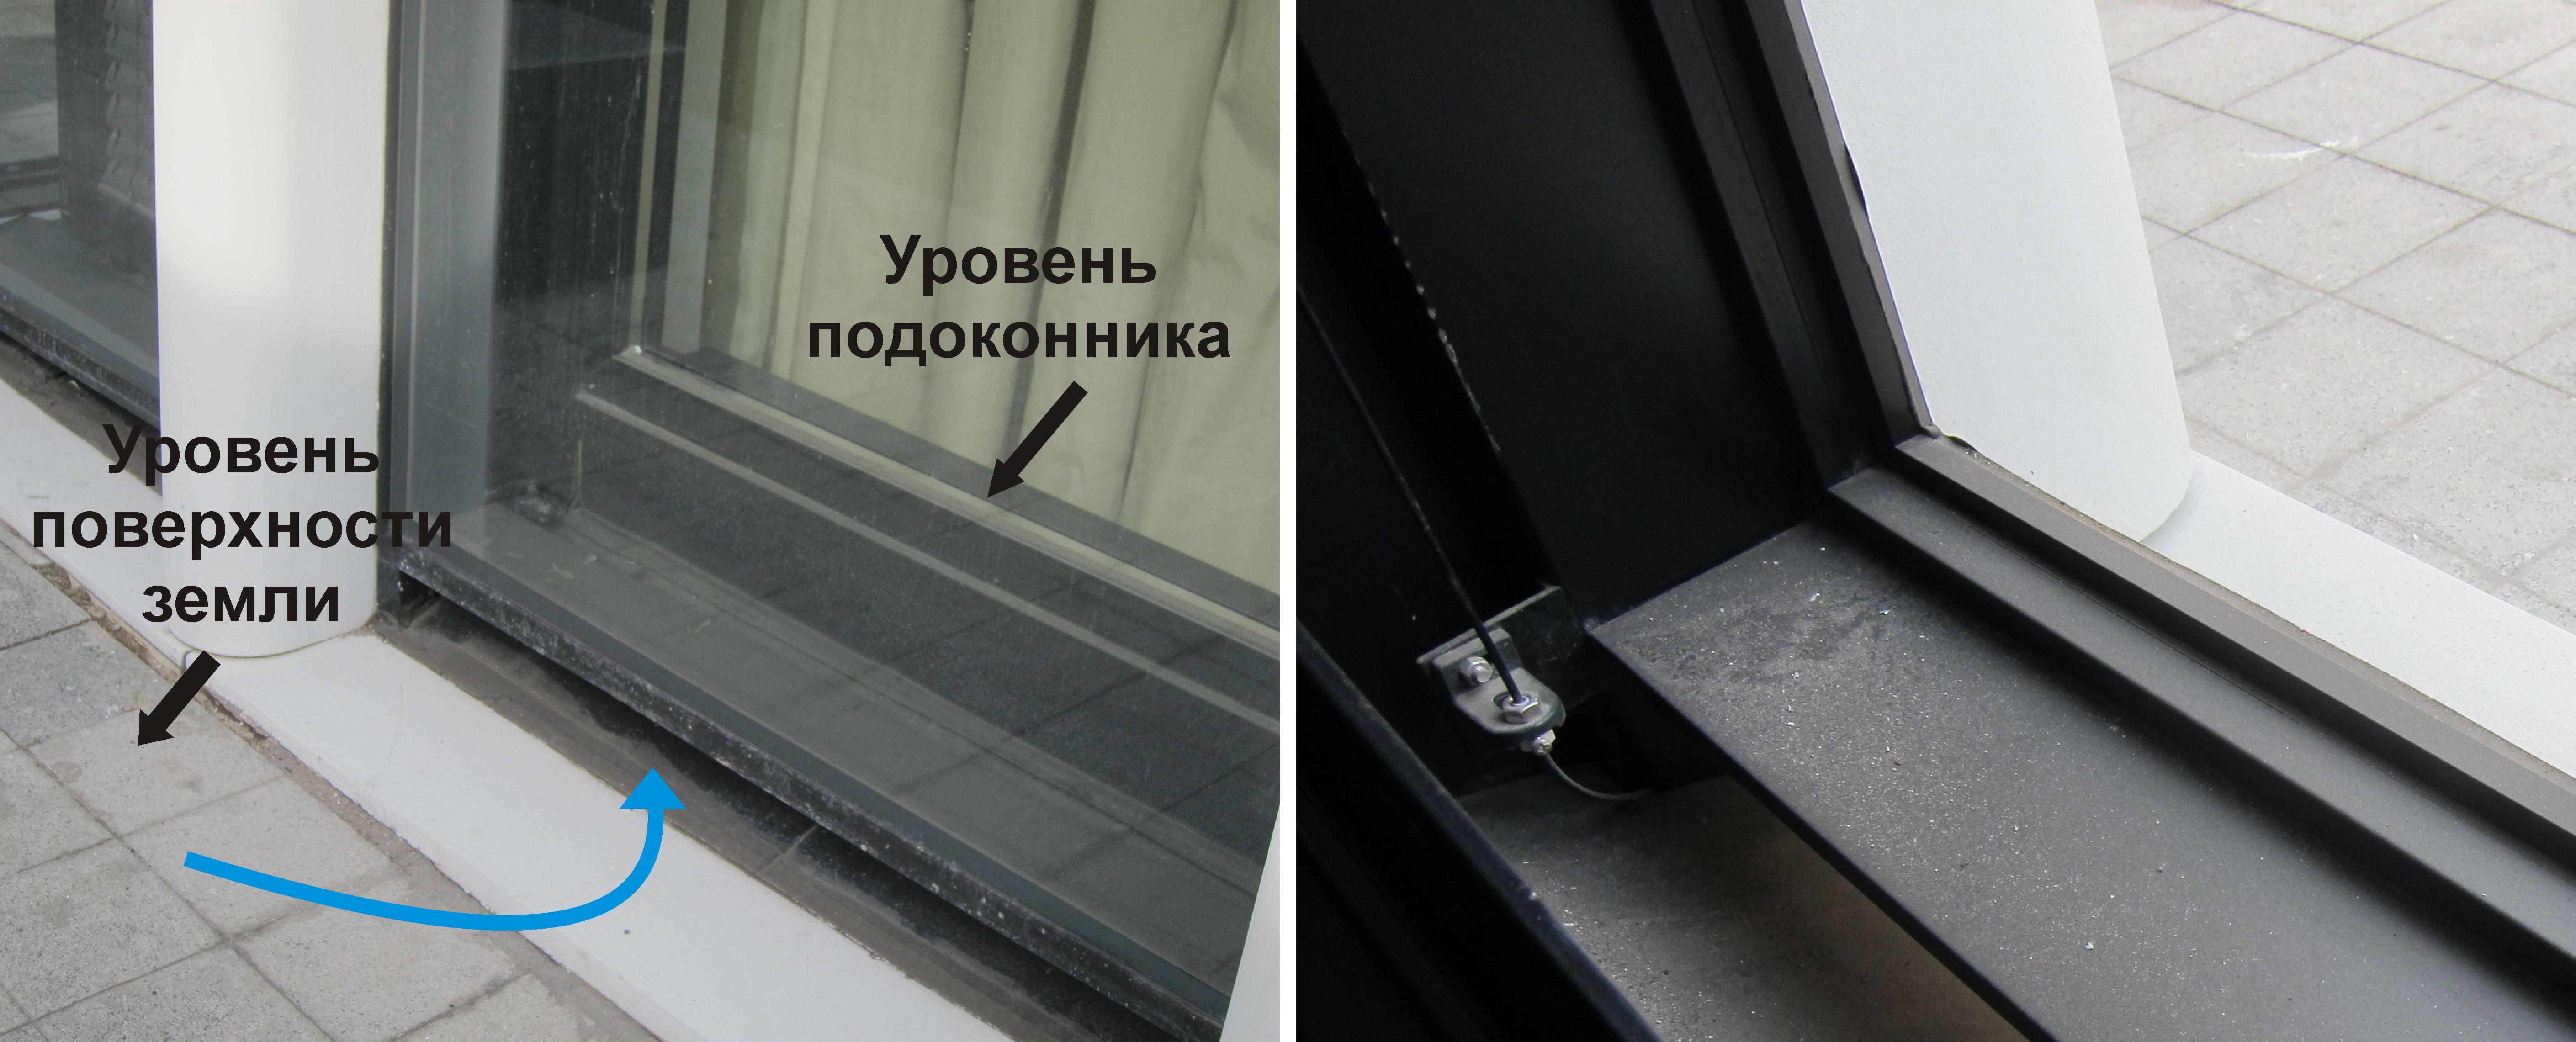 Подоконник на уровне земли в новом здании Мосгордумы